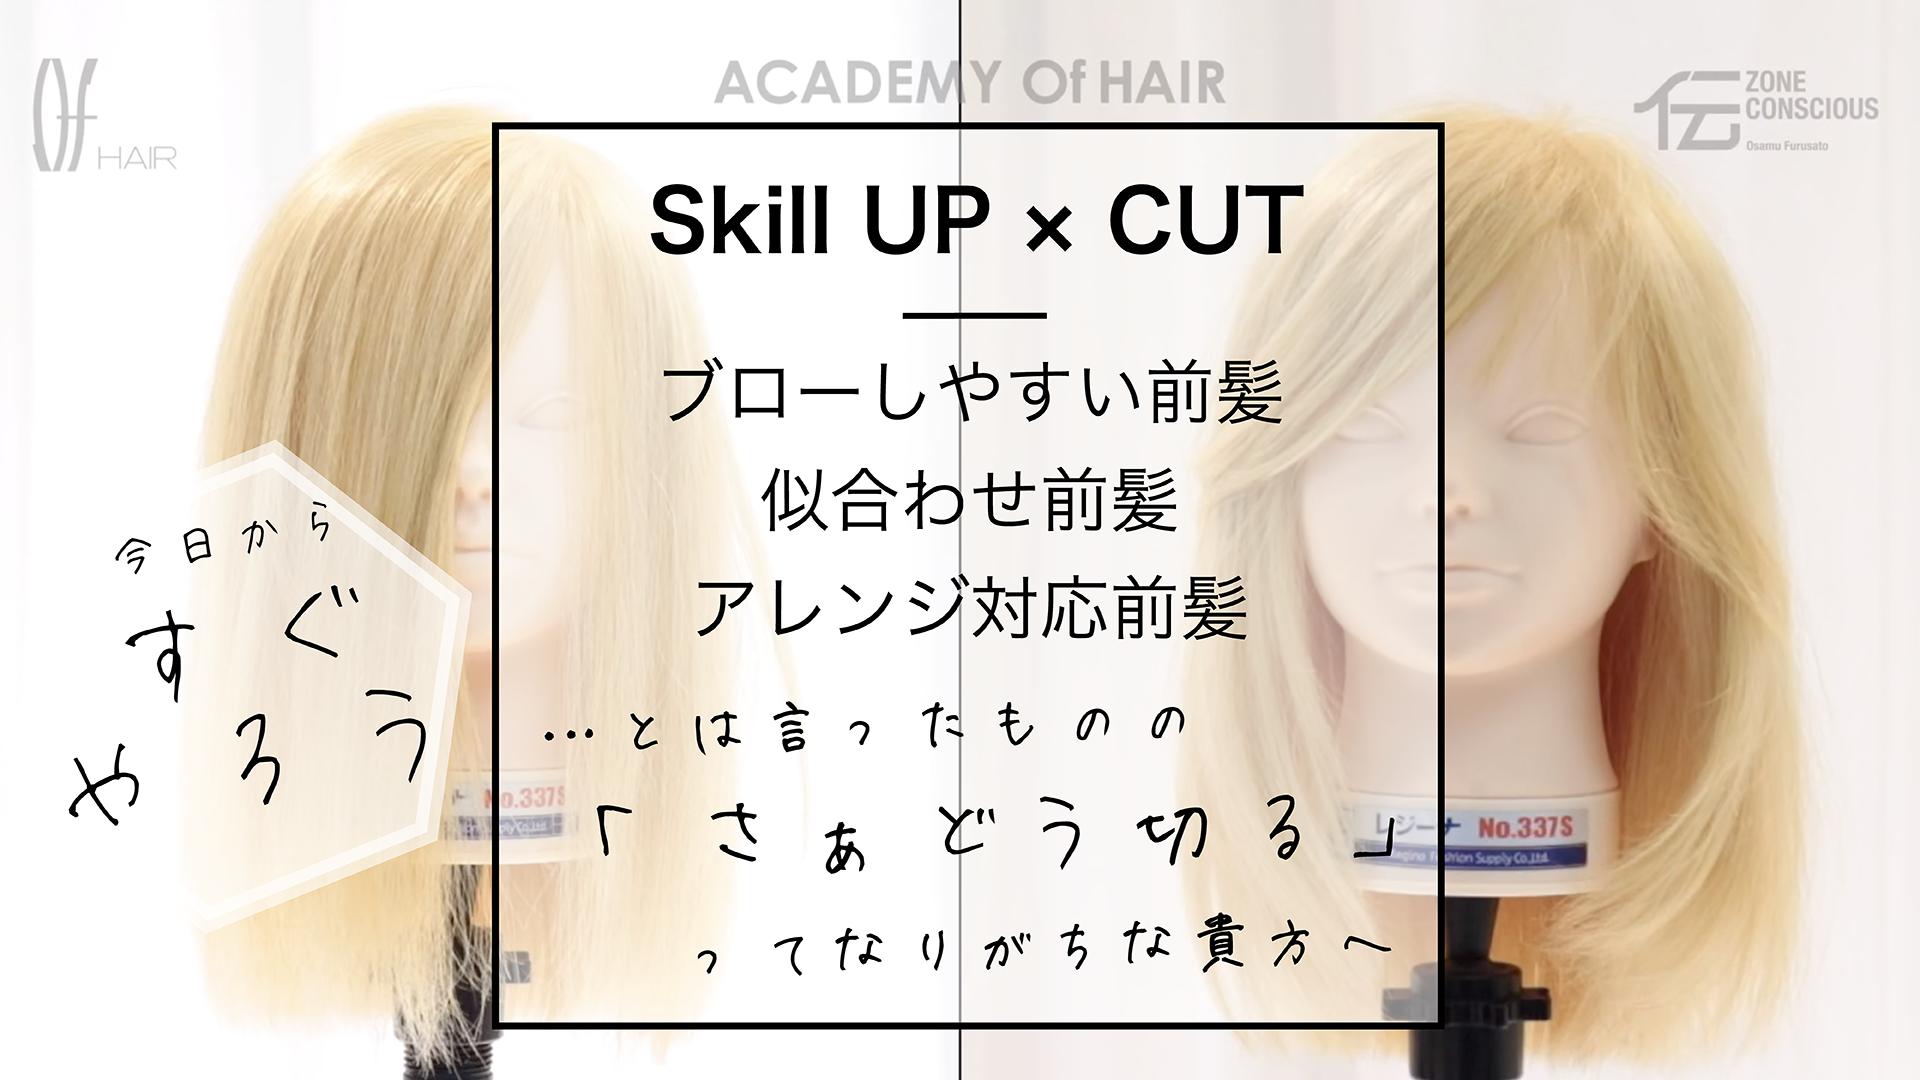 【もう失敗しない!】知っておくべき 前髪のデザイン方程式【1】